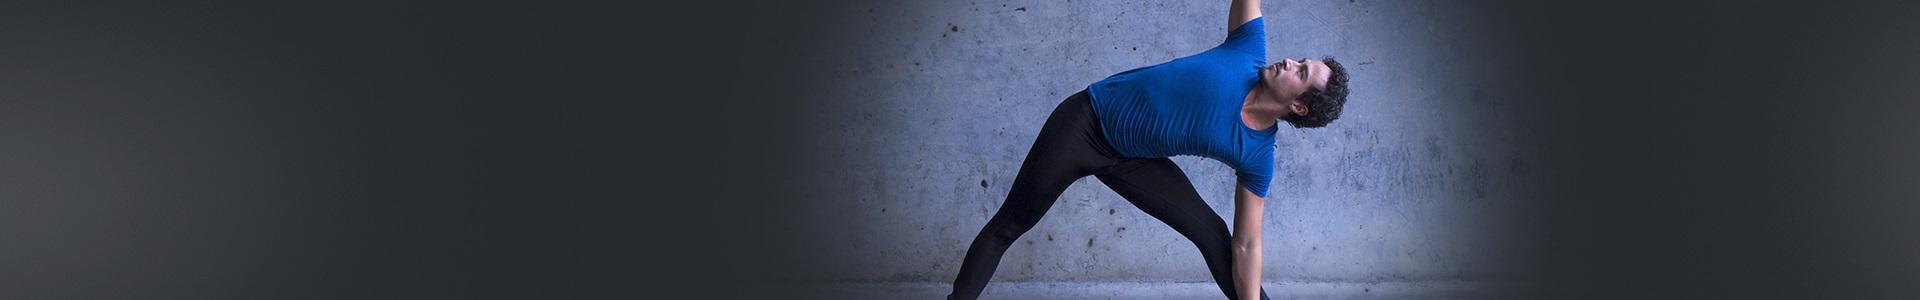 健身房全身肌肉强化训练-新手(3练/周)